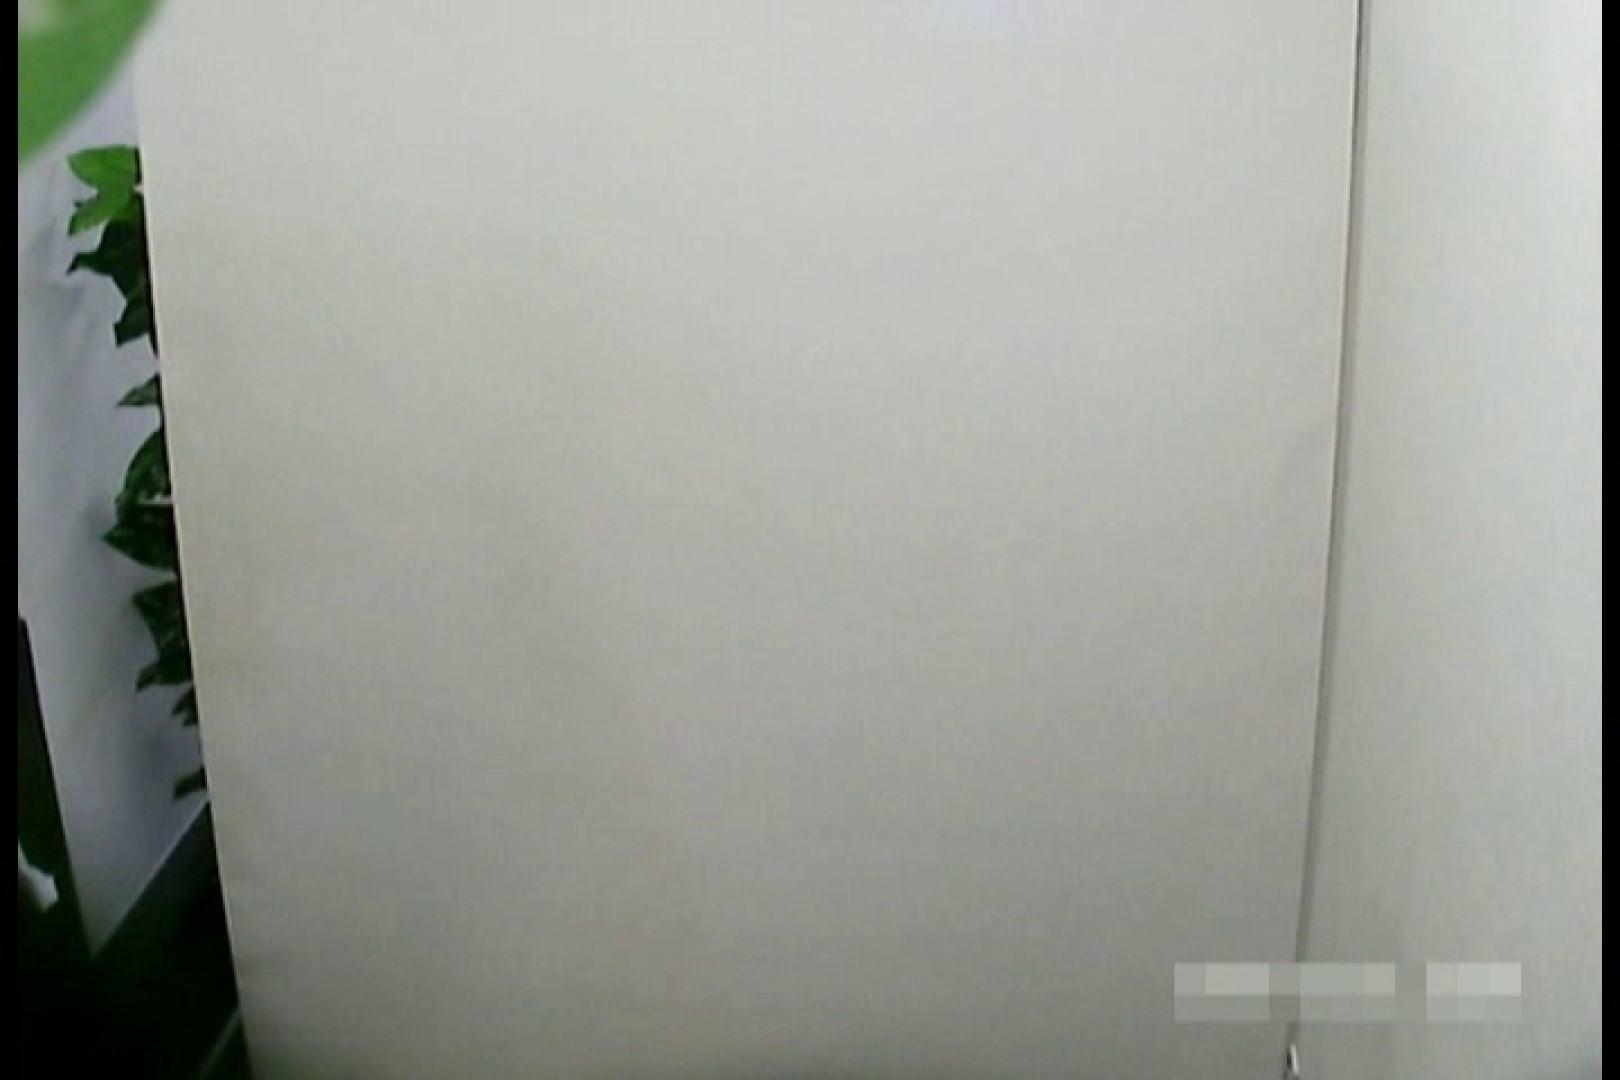 素人撮影 下着だけの撮影のはずが・・・エミちゃん18歳 おっぱい  44連発 44